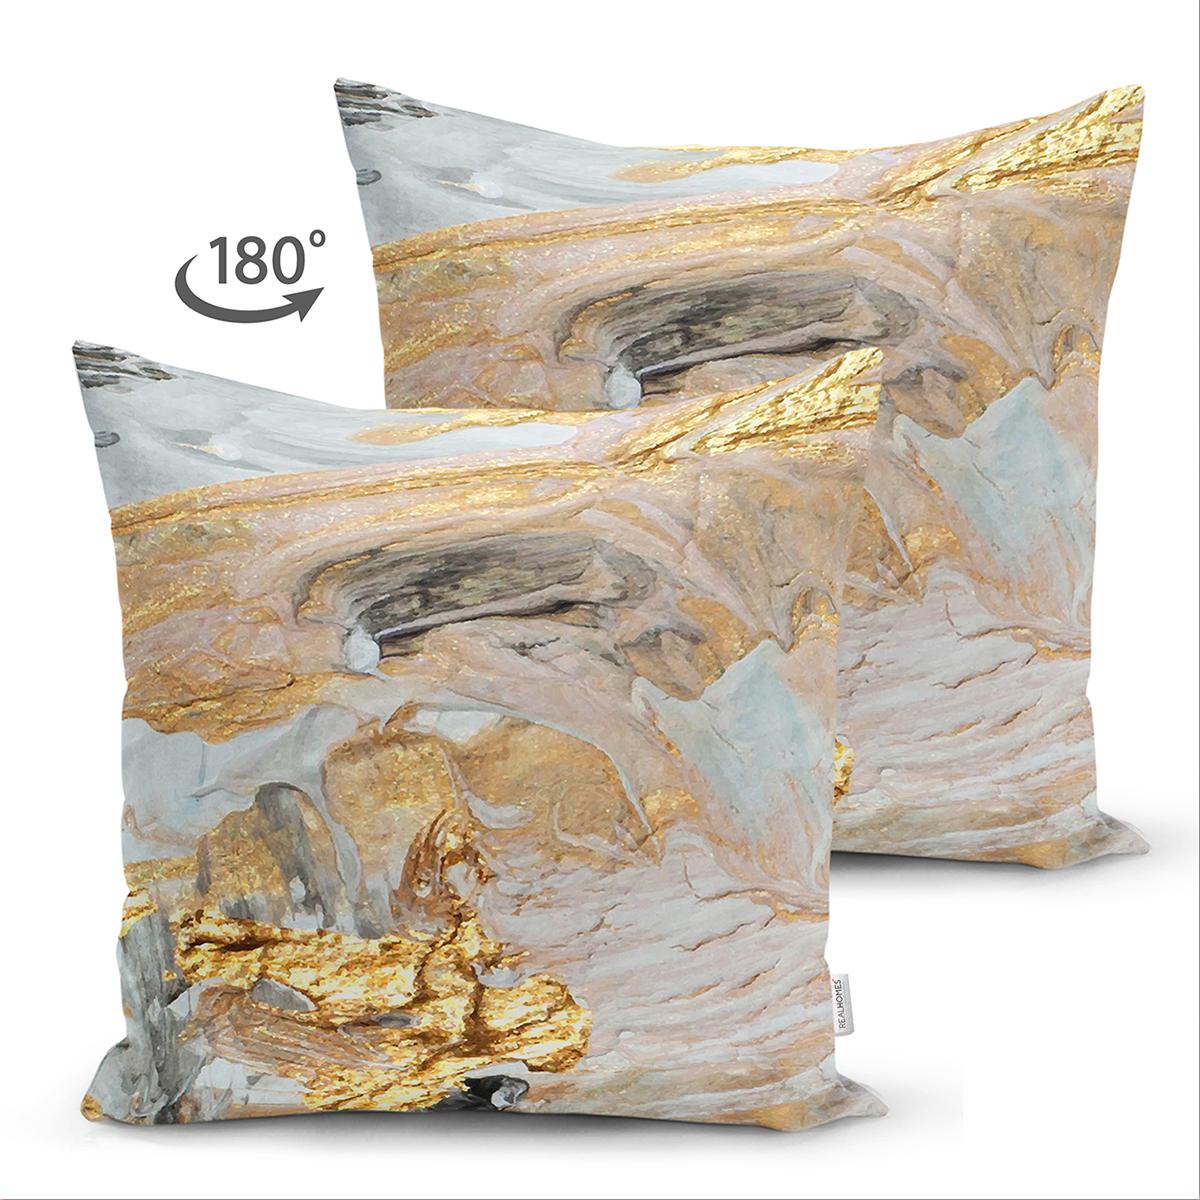 Çift Taraflı Gold Detaylı Soyut Çizimli Dijital Baskılı Modern Süet Yastık Kırlent Kılıfı Realhomes